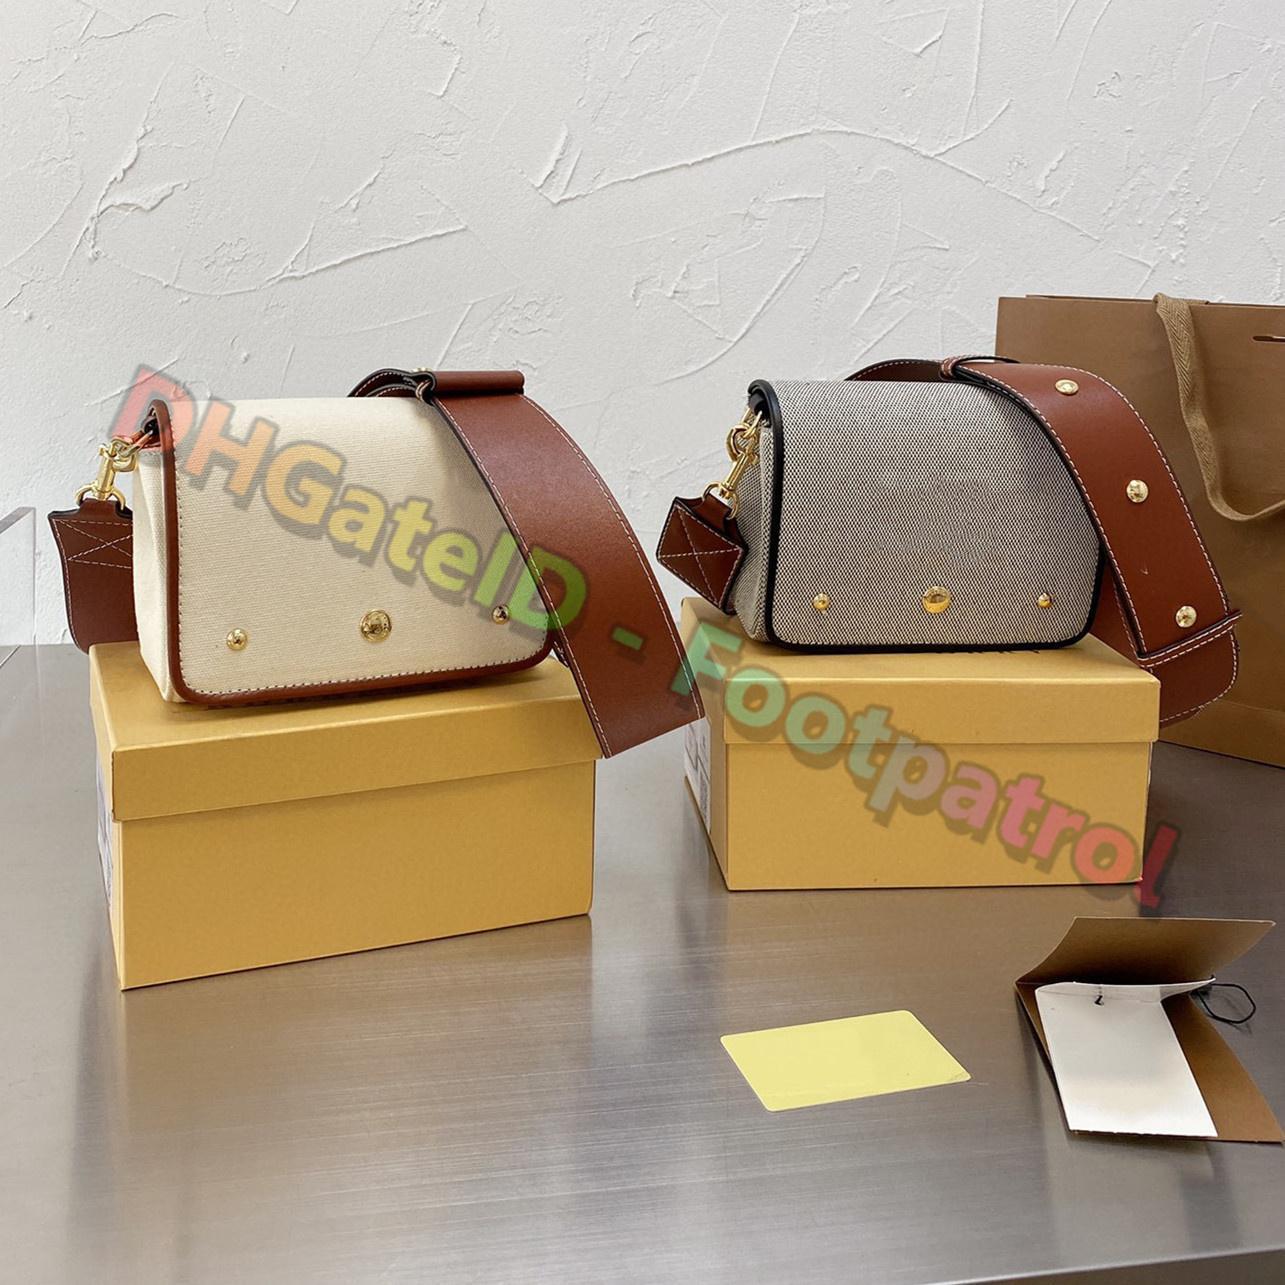 2021 Lüks Tasarımcılar Yüksek dereceli Messenger Çanta Kadınlar Klasik Vintage Çanta Moda Omuz Çantası Crossbody Bayanlar Çanta Sikke Debriyaj Çanta Flap Cüzdan